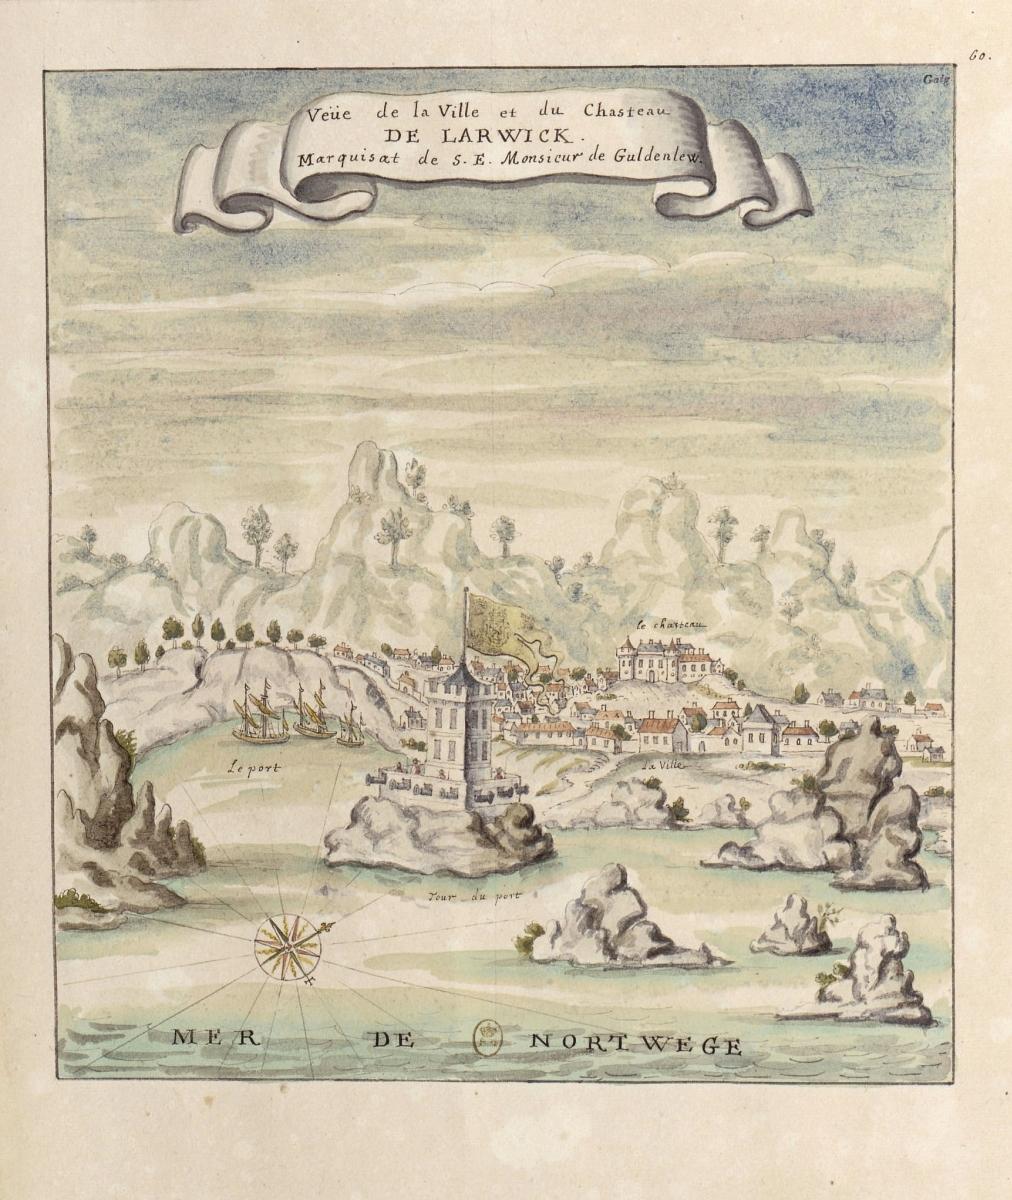 Veue de la Ville et du Chateau de Laerwick Marquisat de S. E. Monsieur de Guldenlew